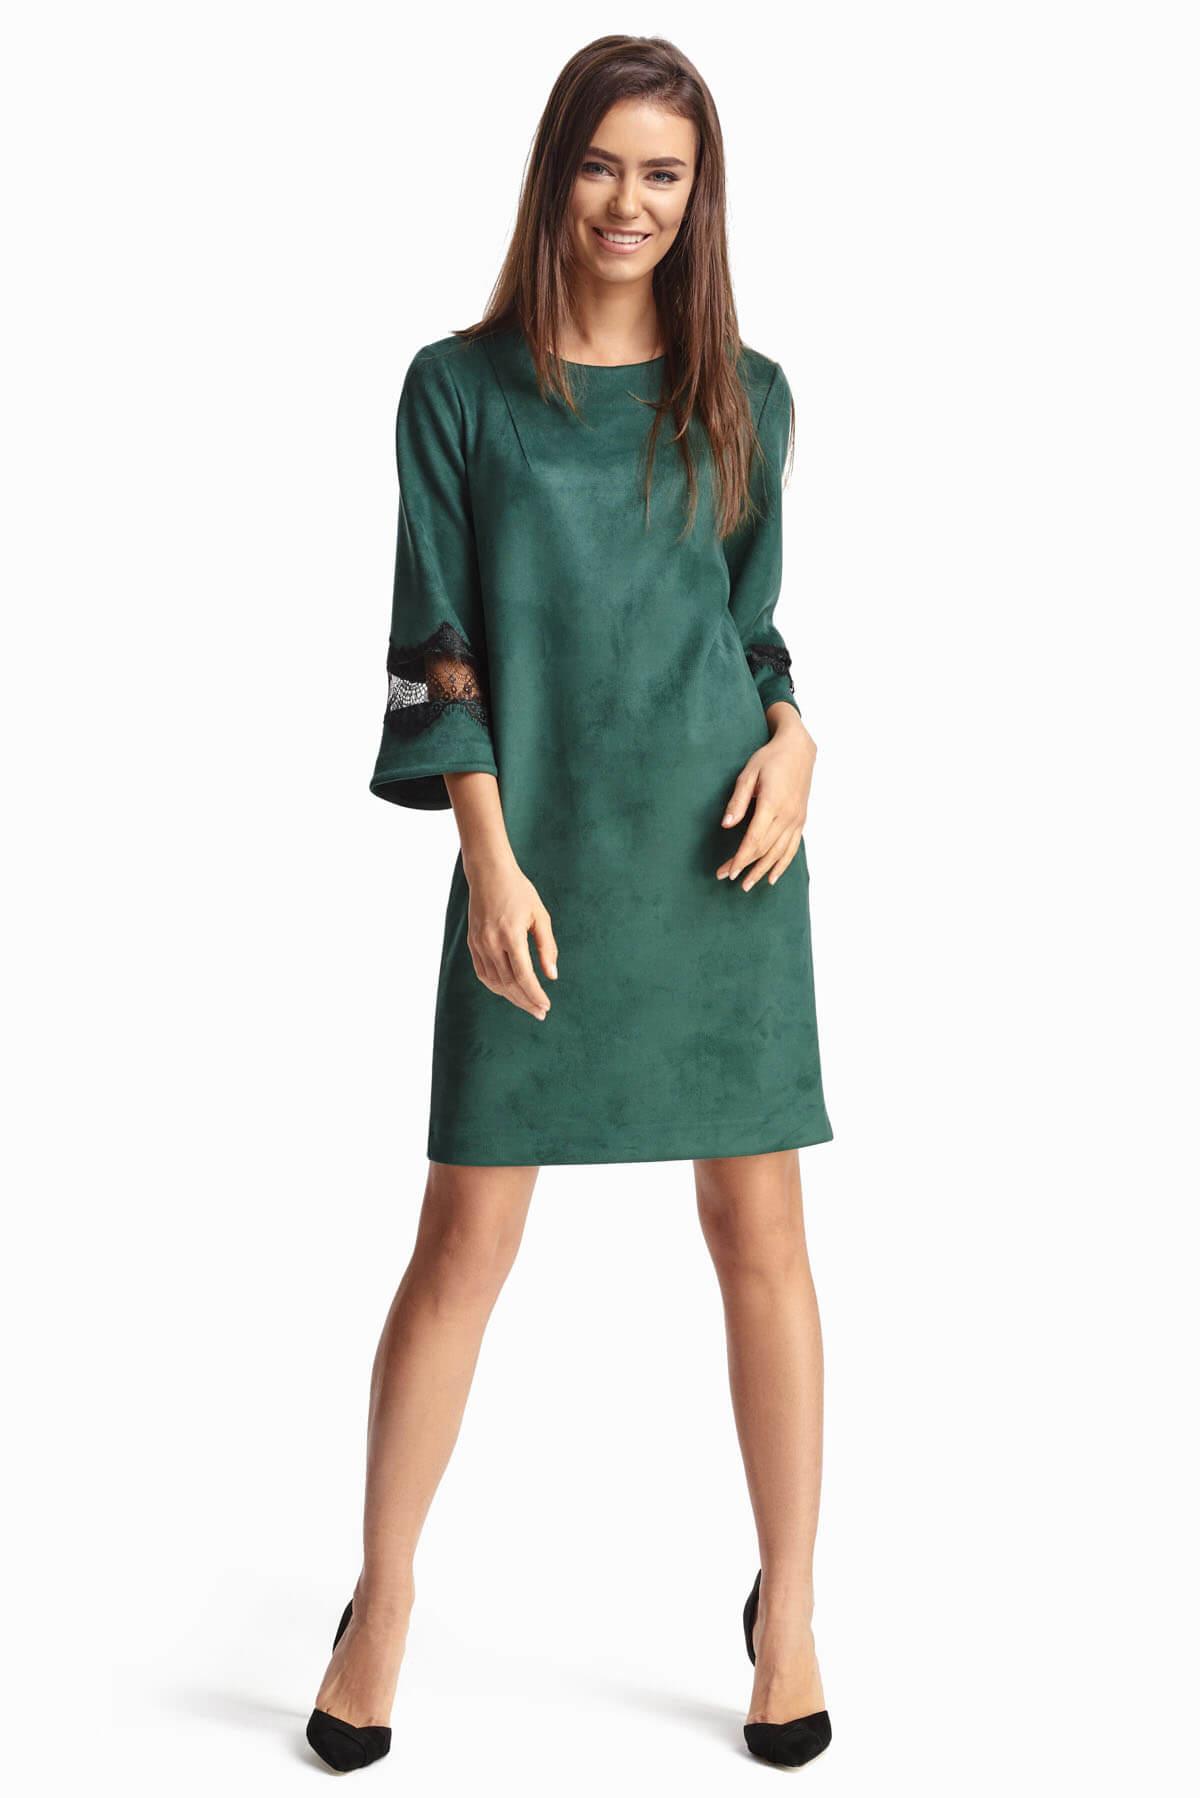 512fe4040d6 Зеленое платье с кружевными вставками 3 - интернет-магазин Natali Bolgar ...